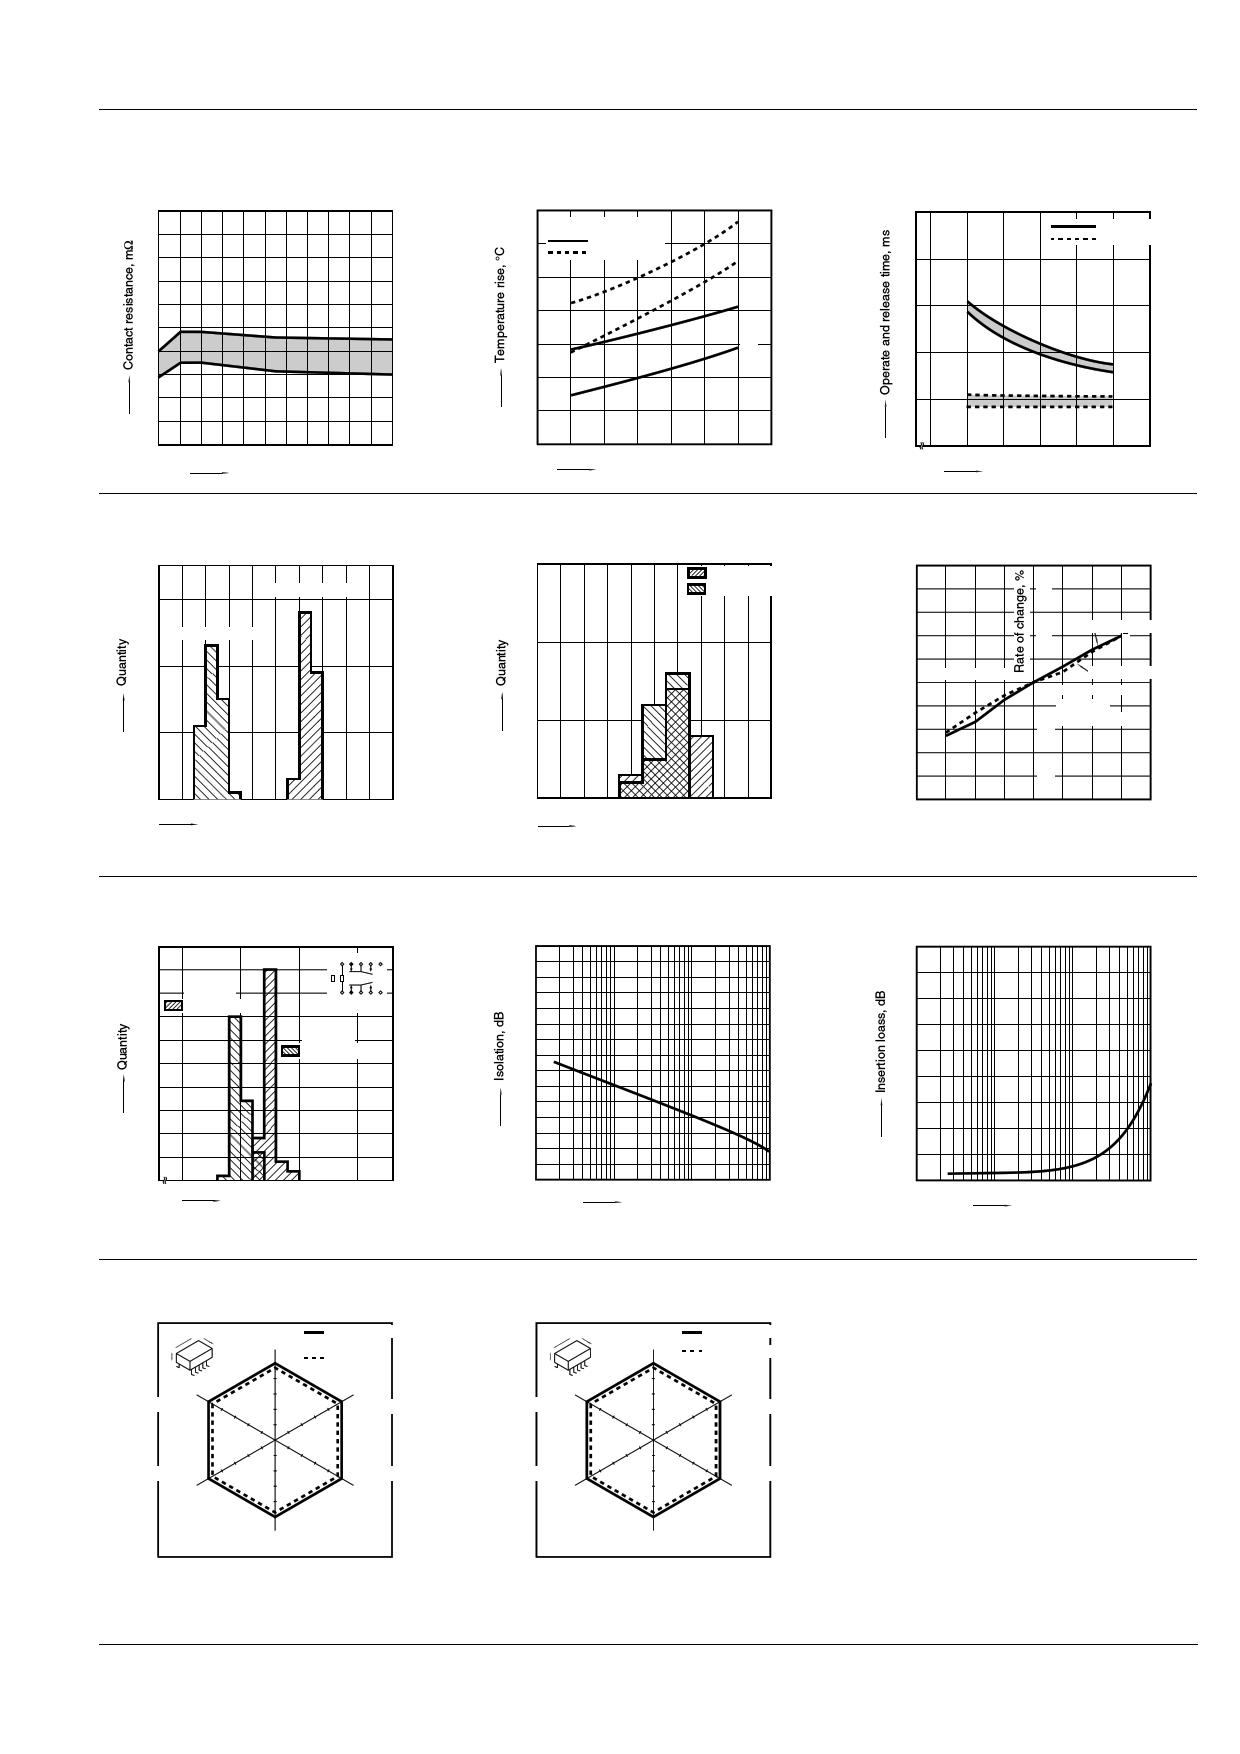 TQ2SS-L-24V pdf, 반도체, 판매, 대치품